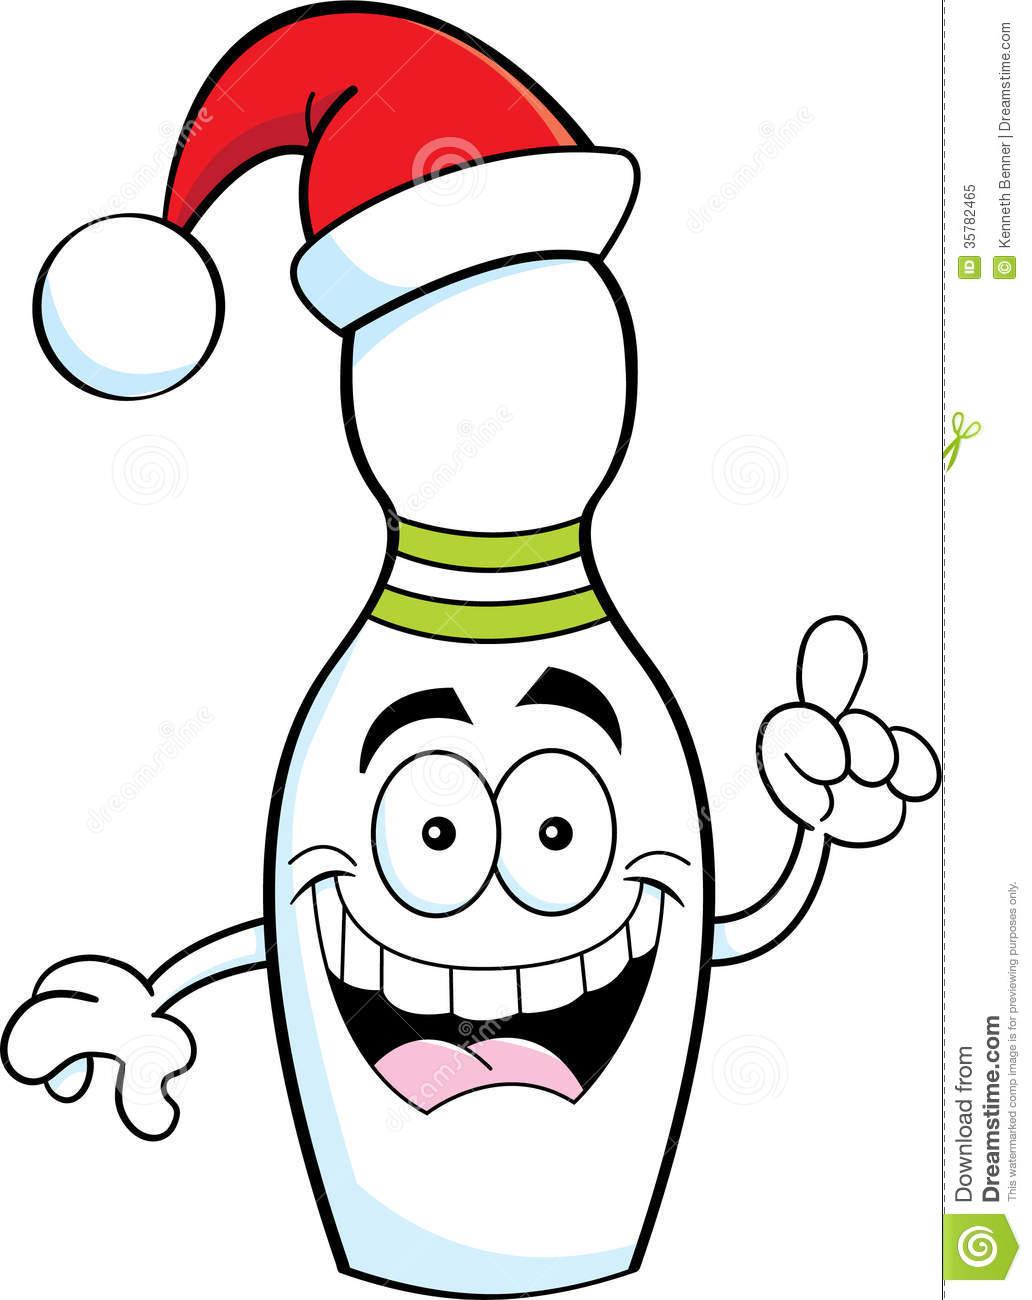 17c0a8abb2f25 1032x1300 Bowling Clipart Santa Claus